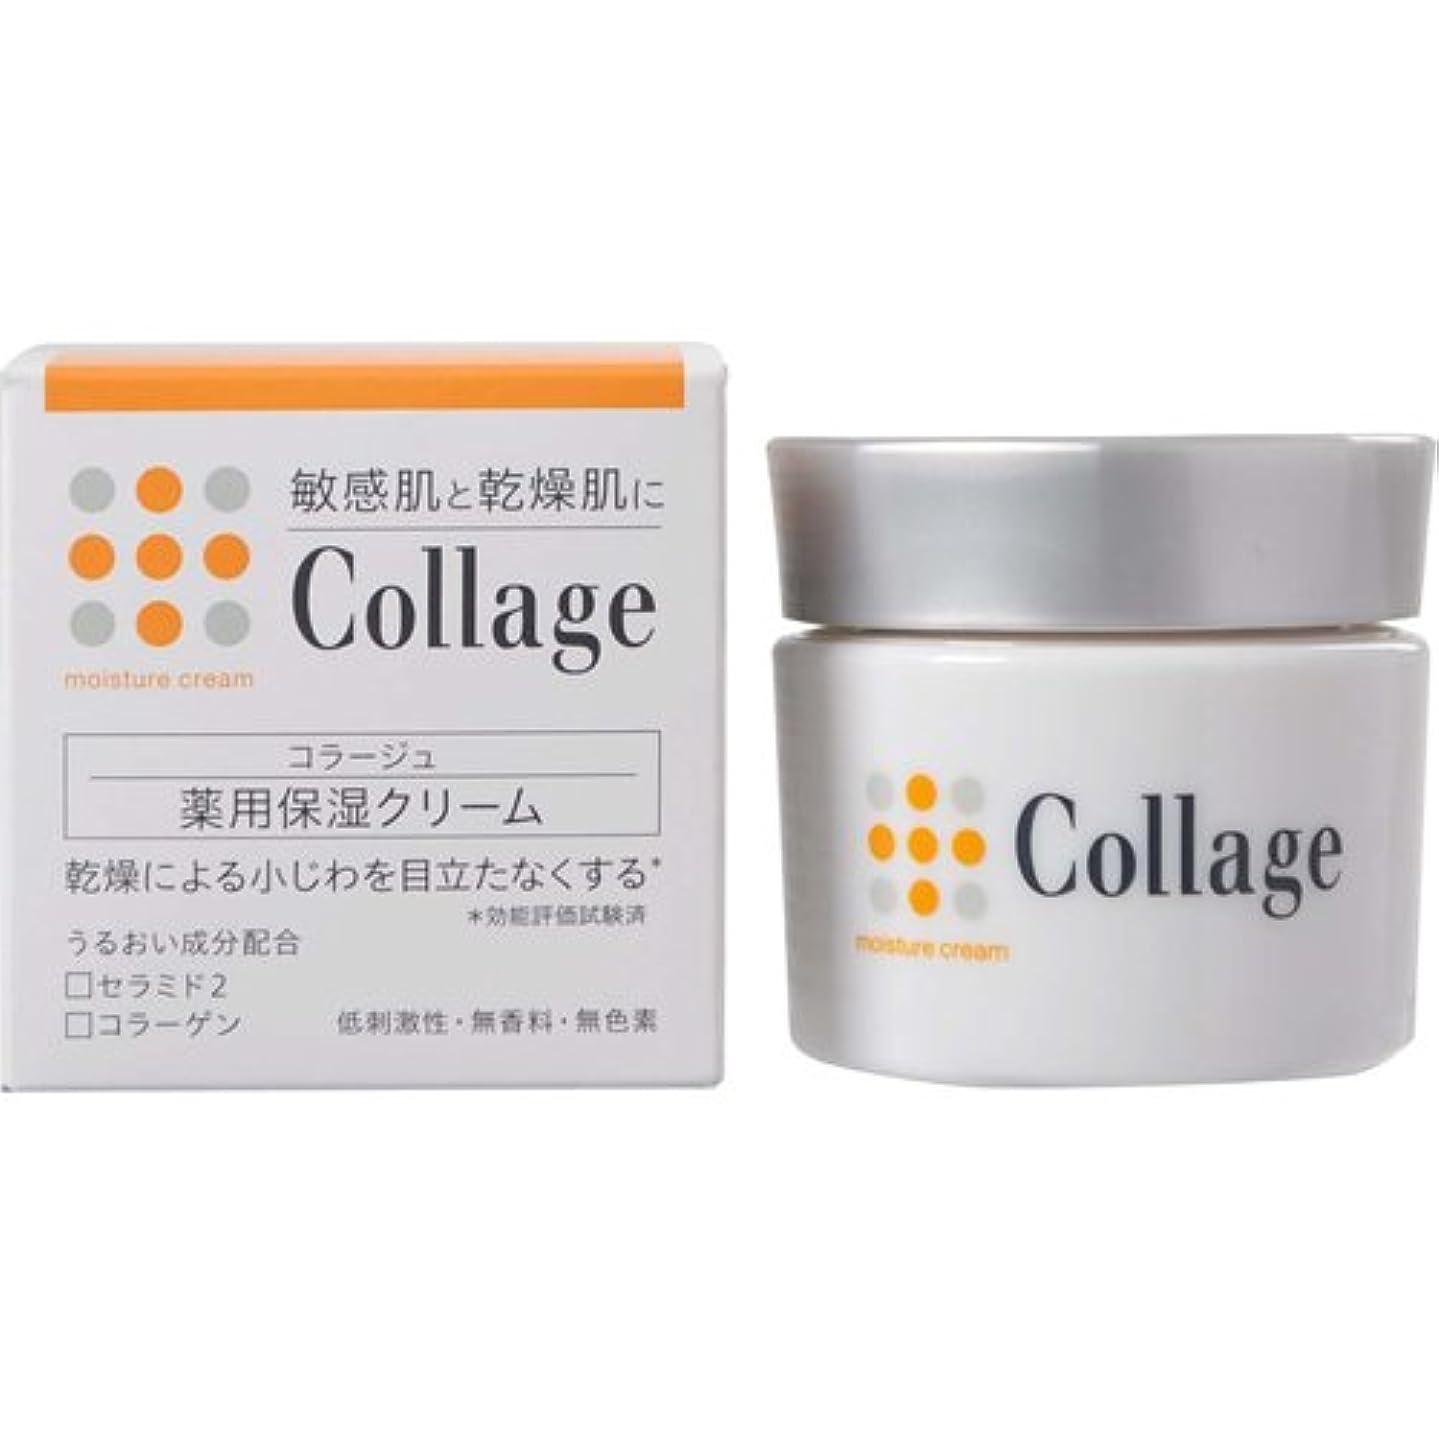 確率スペル麻酔薬コラージュ 薬用保湿クリーム 30g 【医薬部外品】